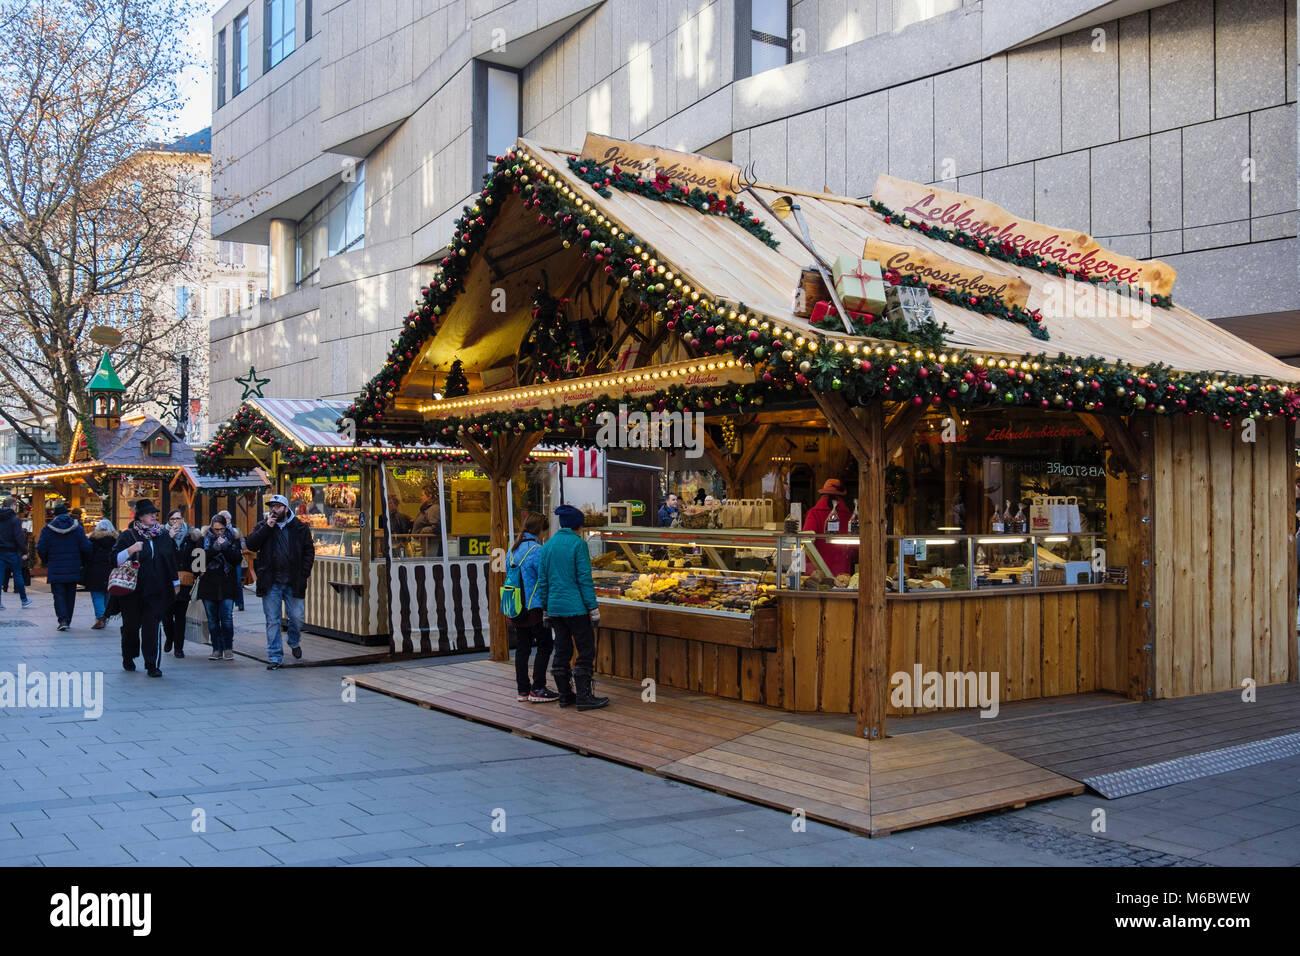 Essen Weihnachtsmarkt.Kaufer Und Weihnachtsmarkt Essen Stande Im Stadtzentrum In